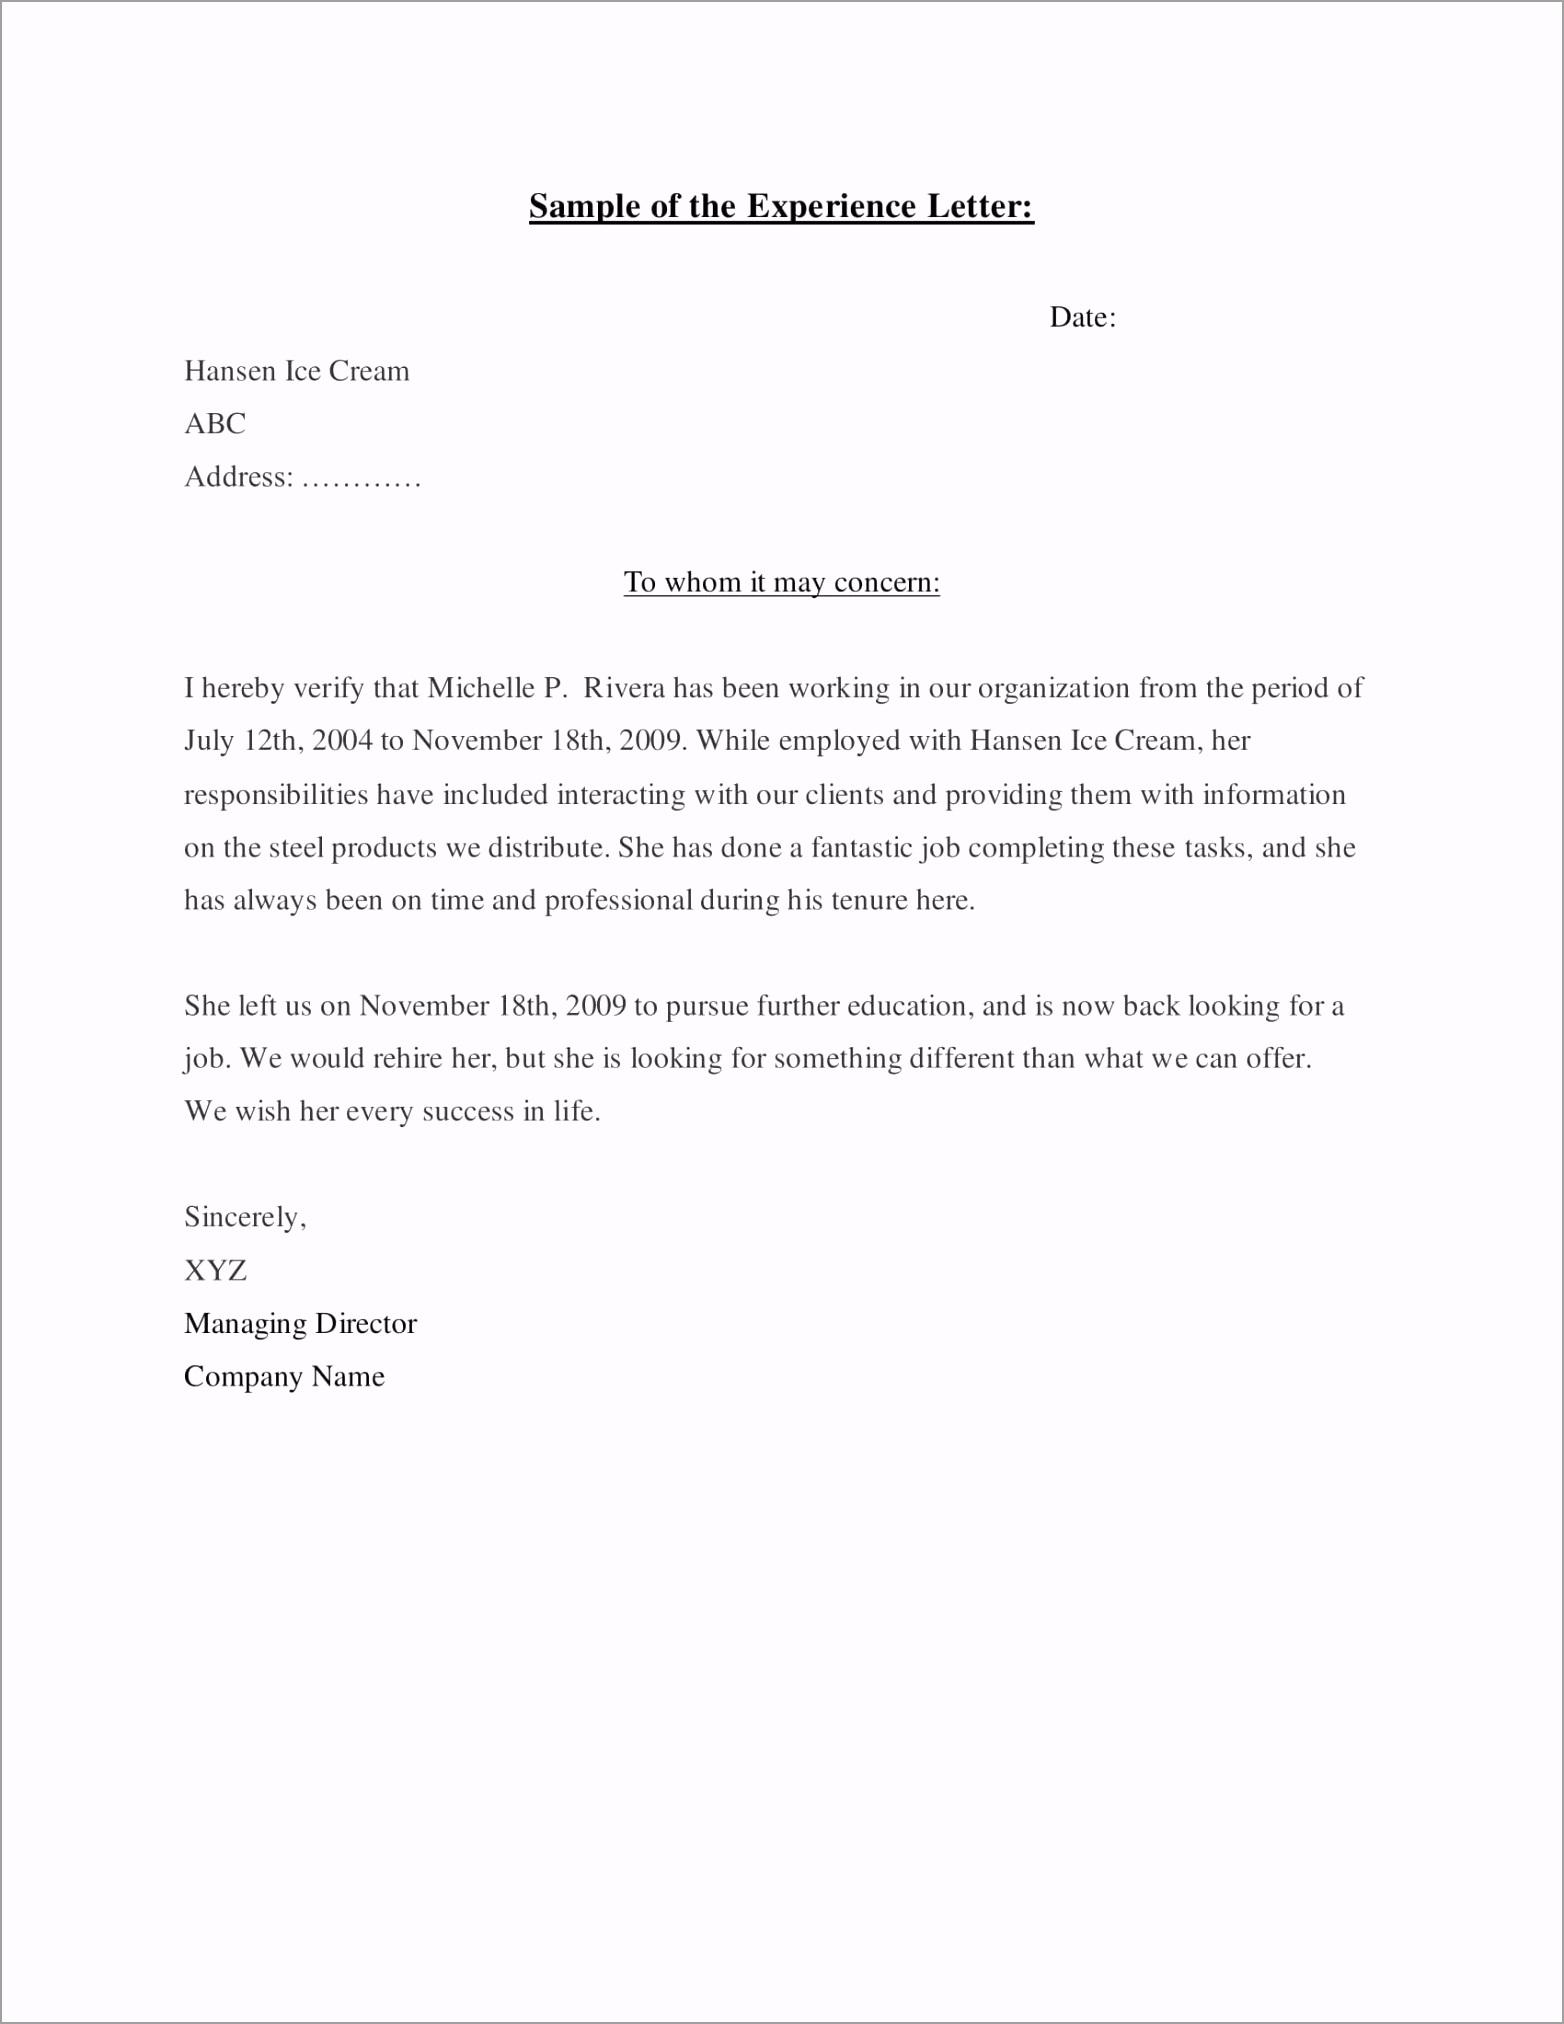 Experience Letter Sample 1 pnert